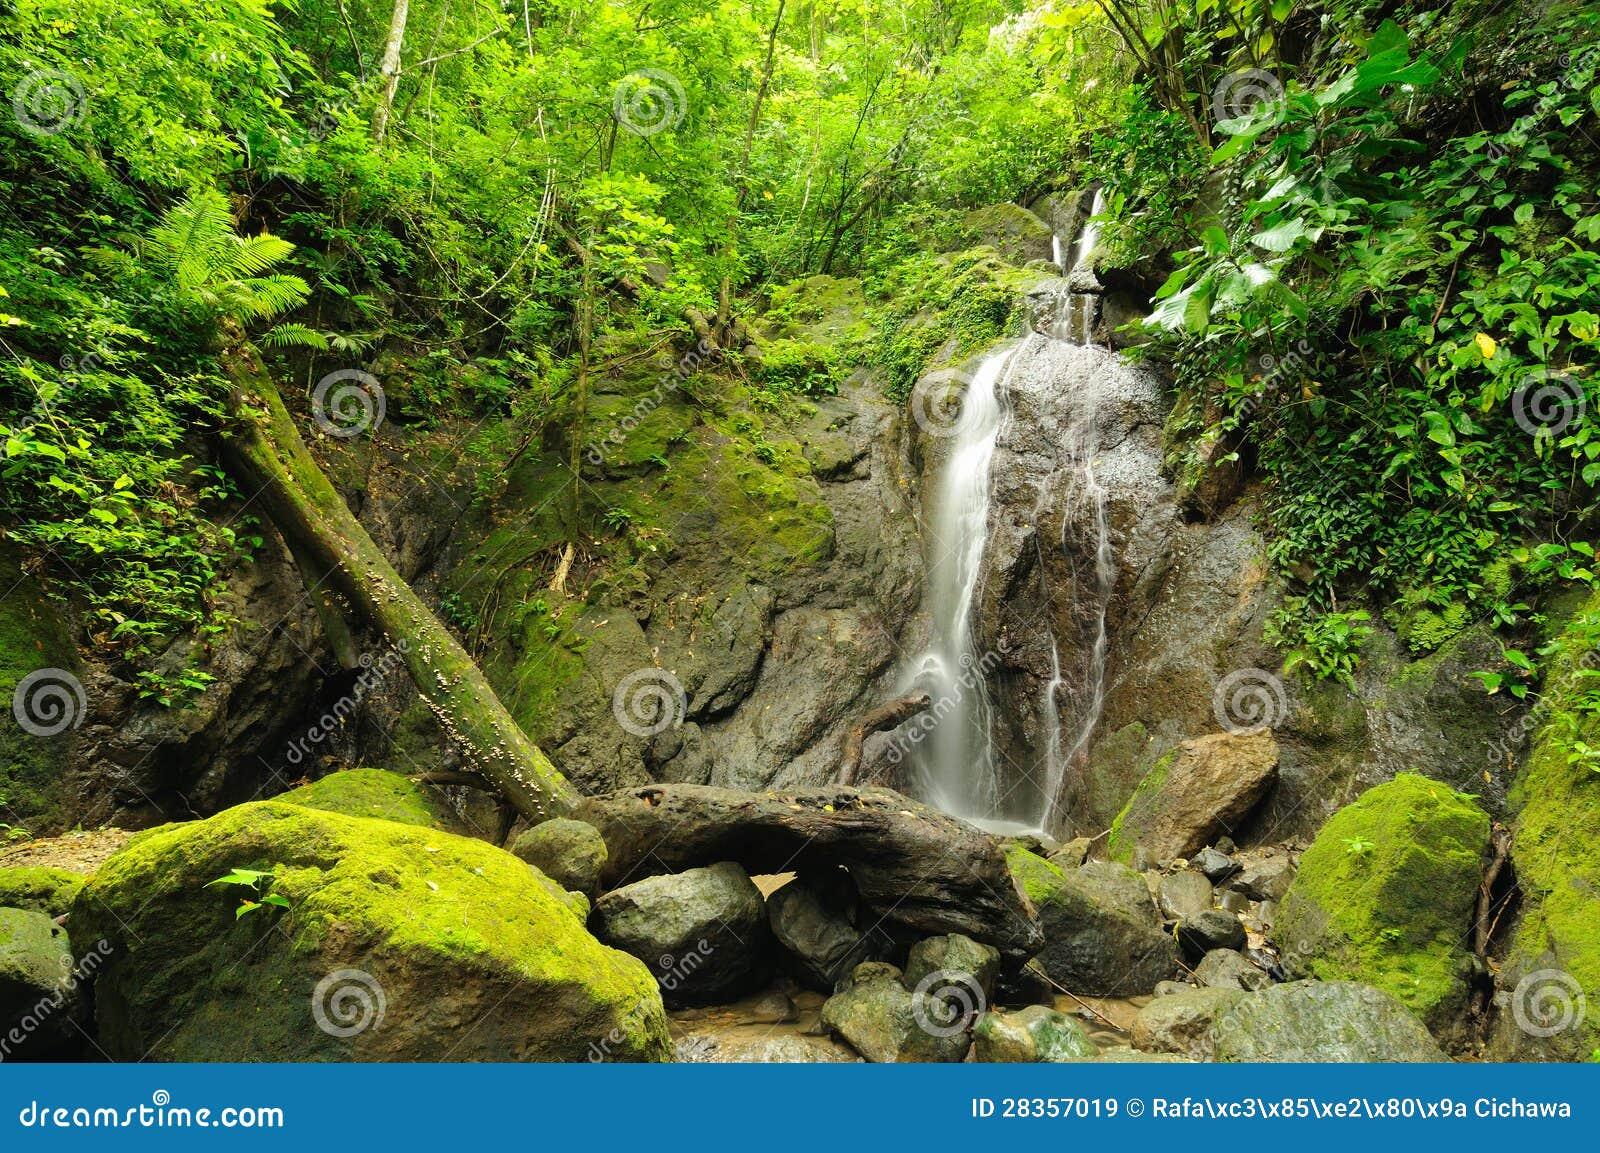 Άγρια κολομβιανή ζούγκλα του Darien